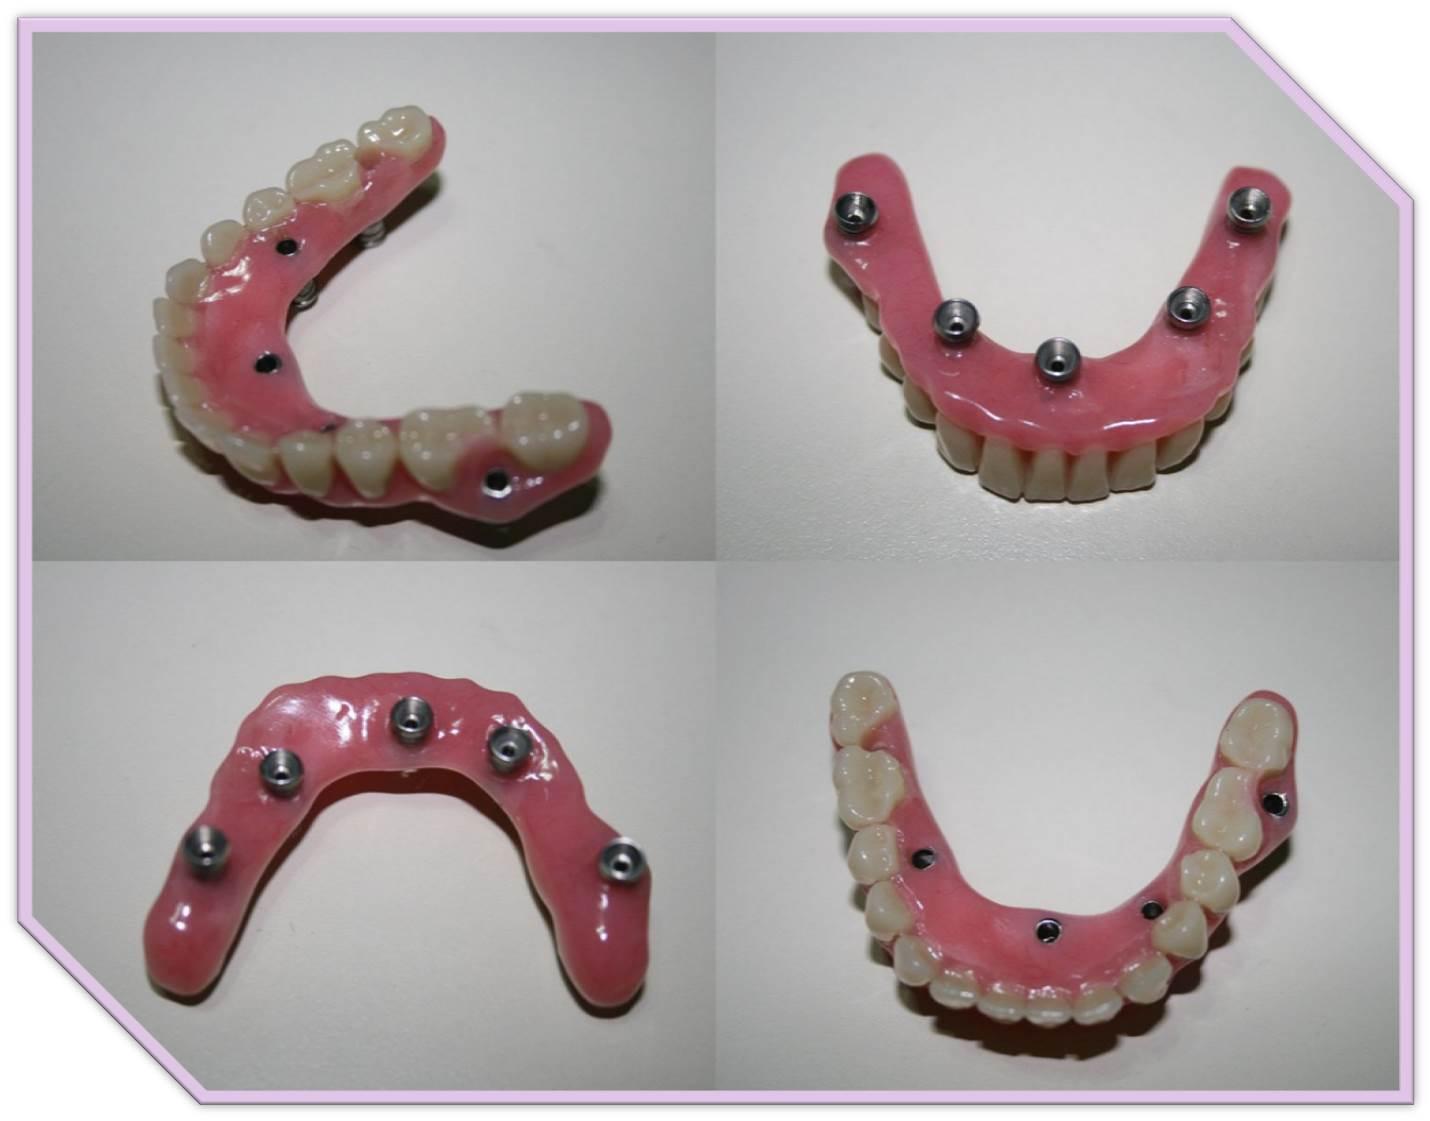 Curso Protesis Hibrida Sobre Implantes Aprodenaproden